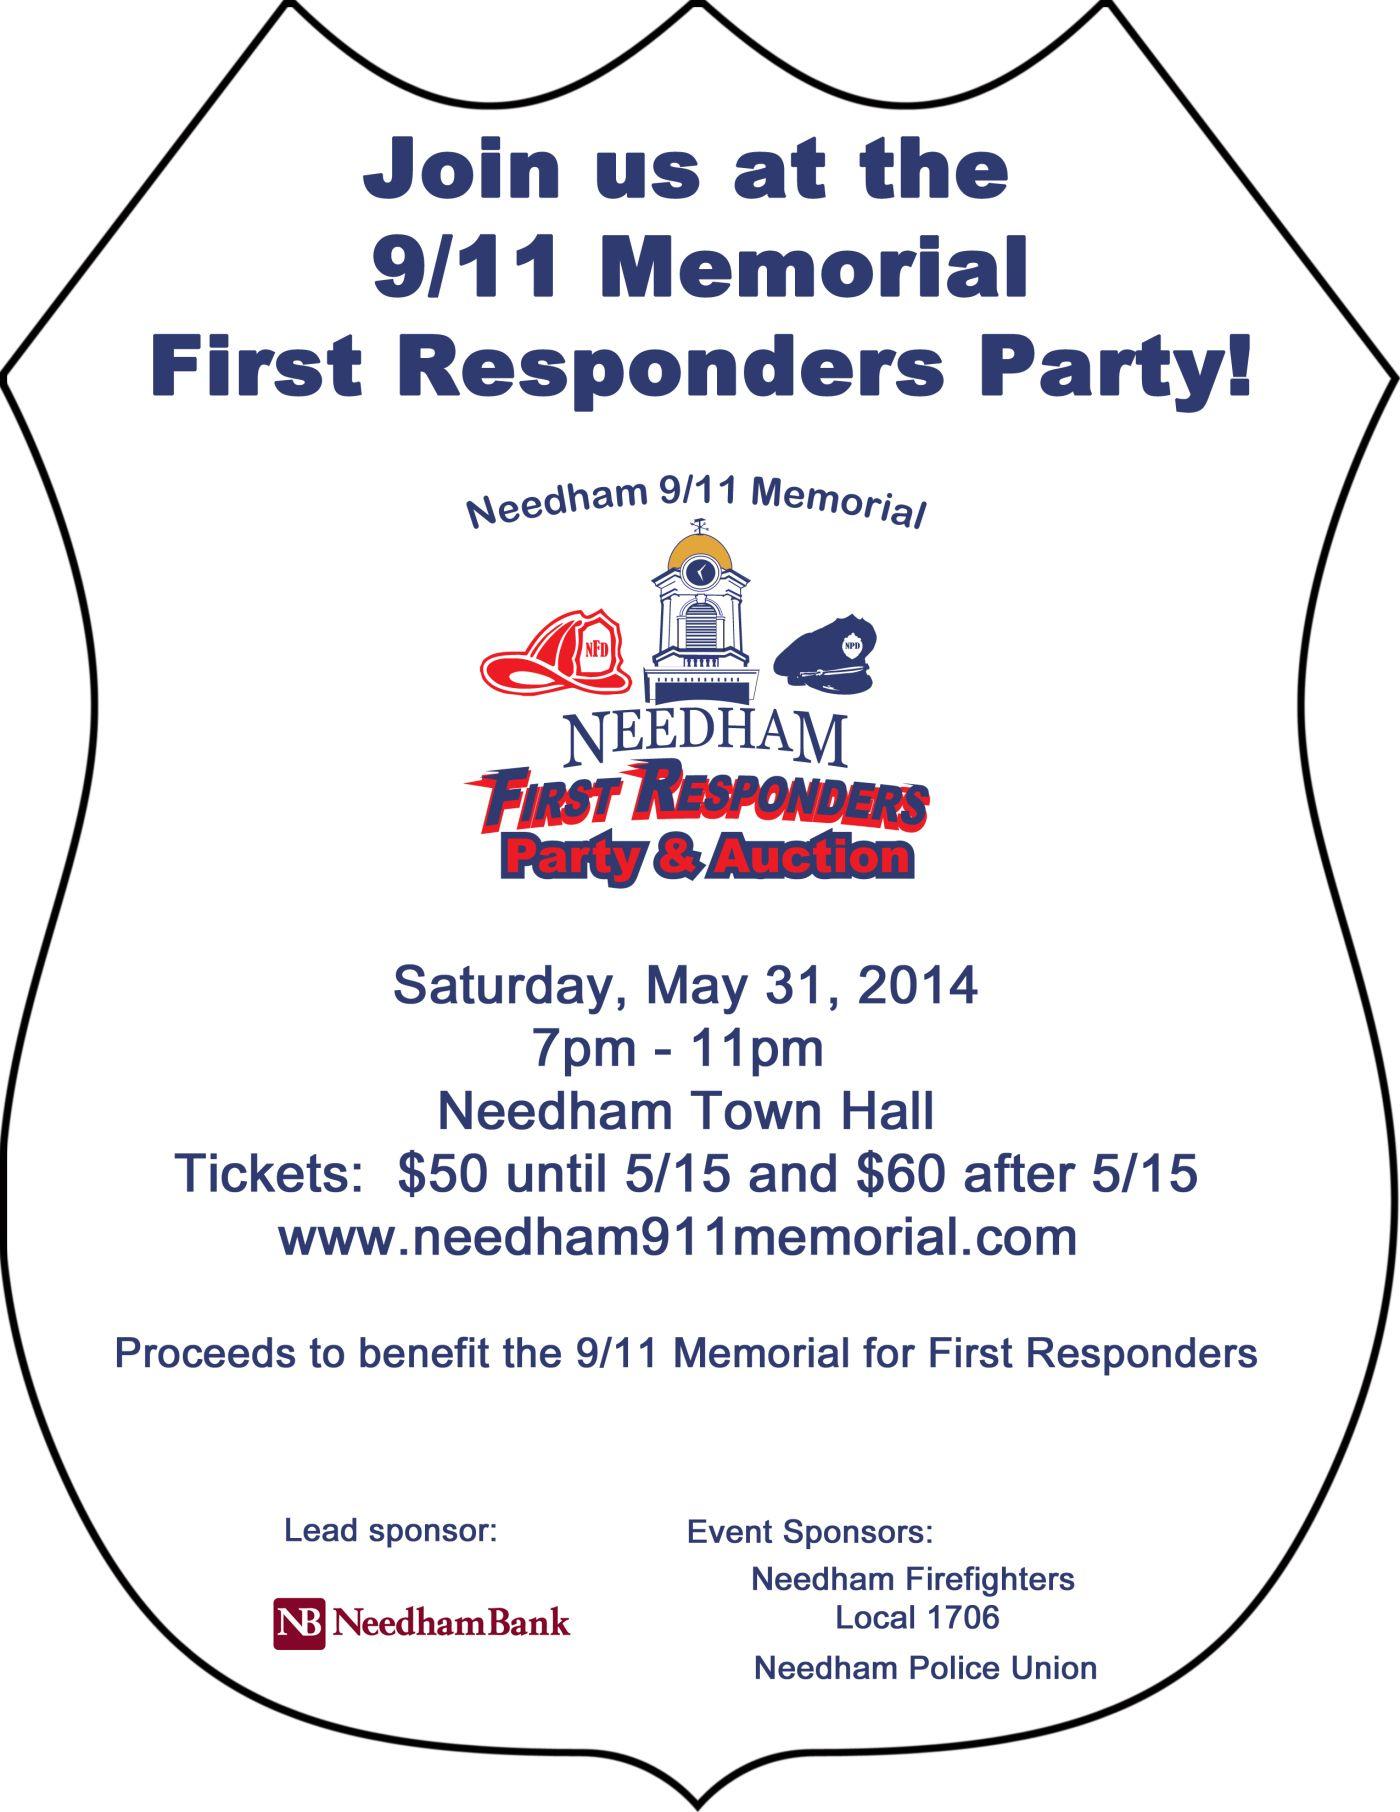 Party Flyer 911 Memorial Fundraiser 53114 Fundraising